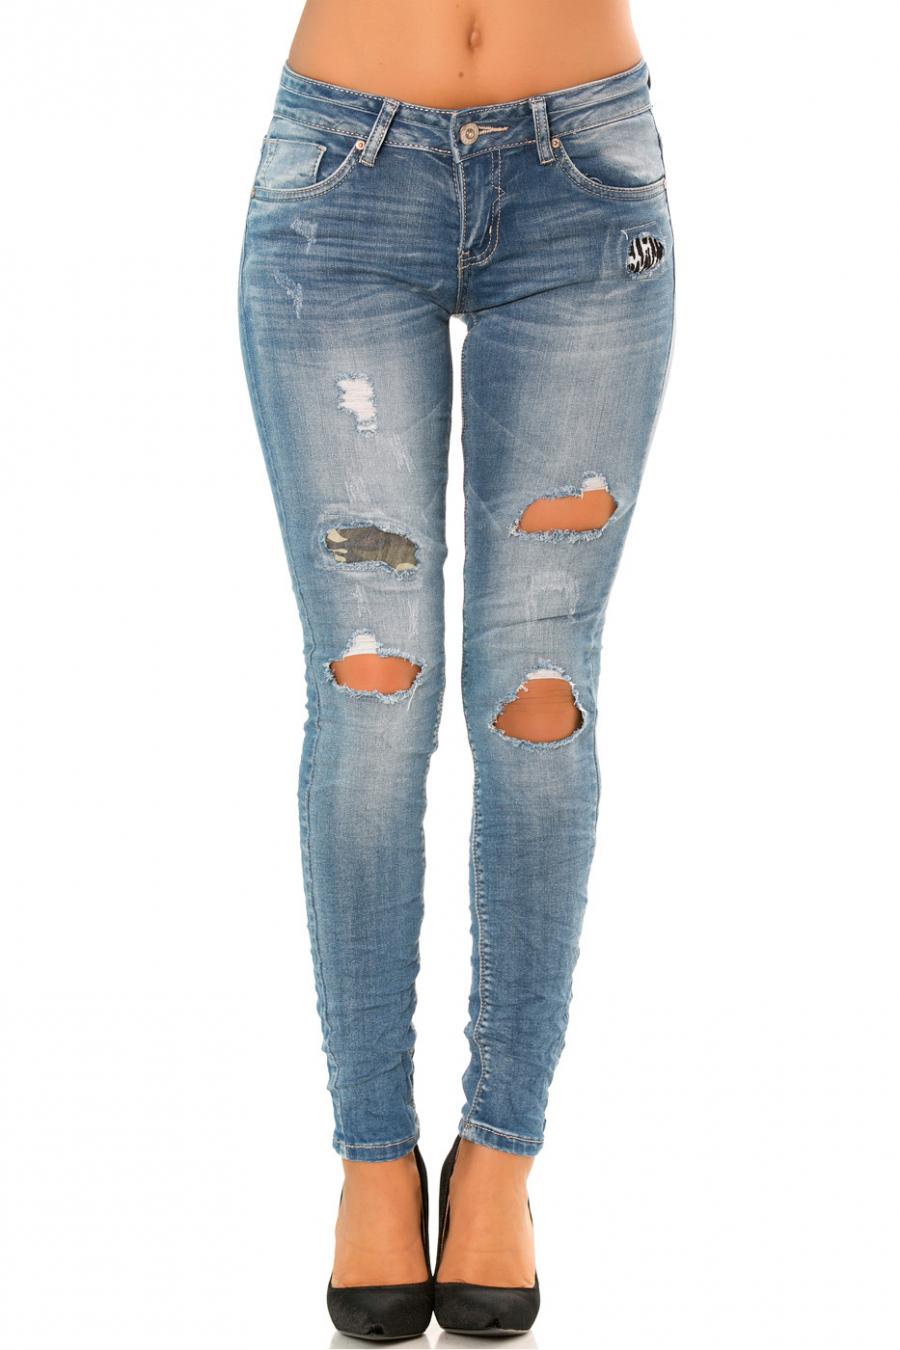 Pantalon jeans slim Bleu à trou et doublure militaire. PTL-S2321